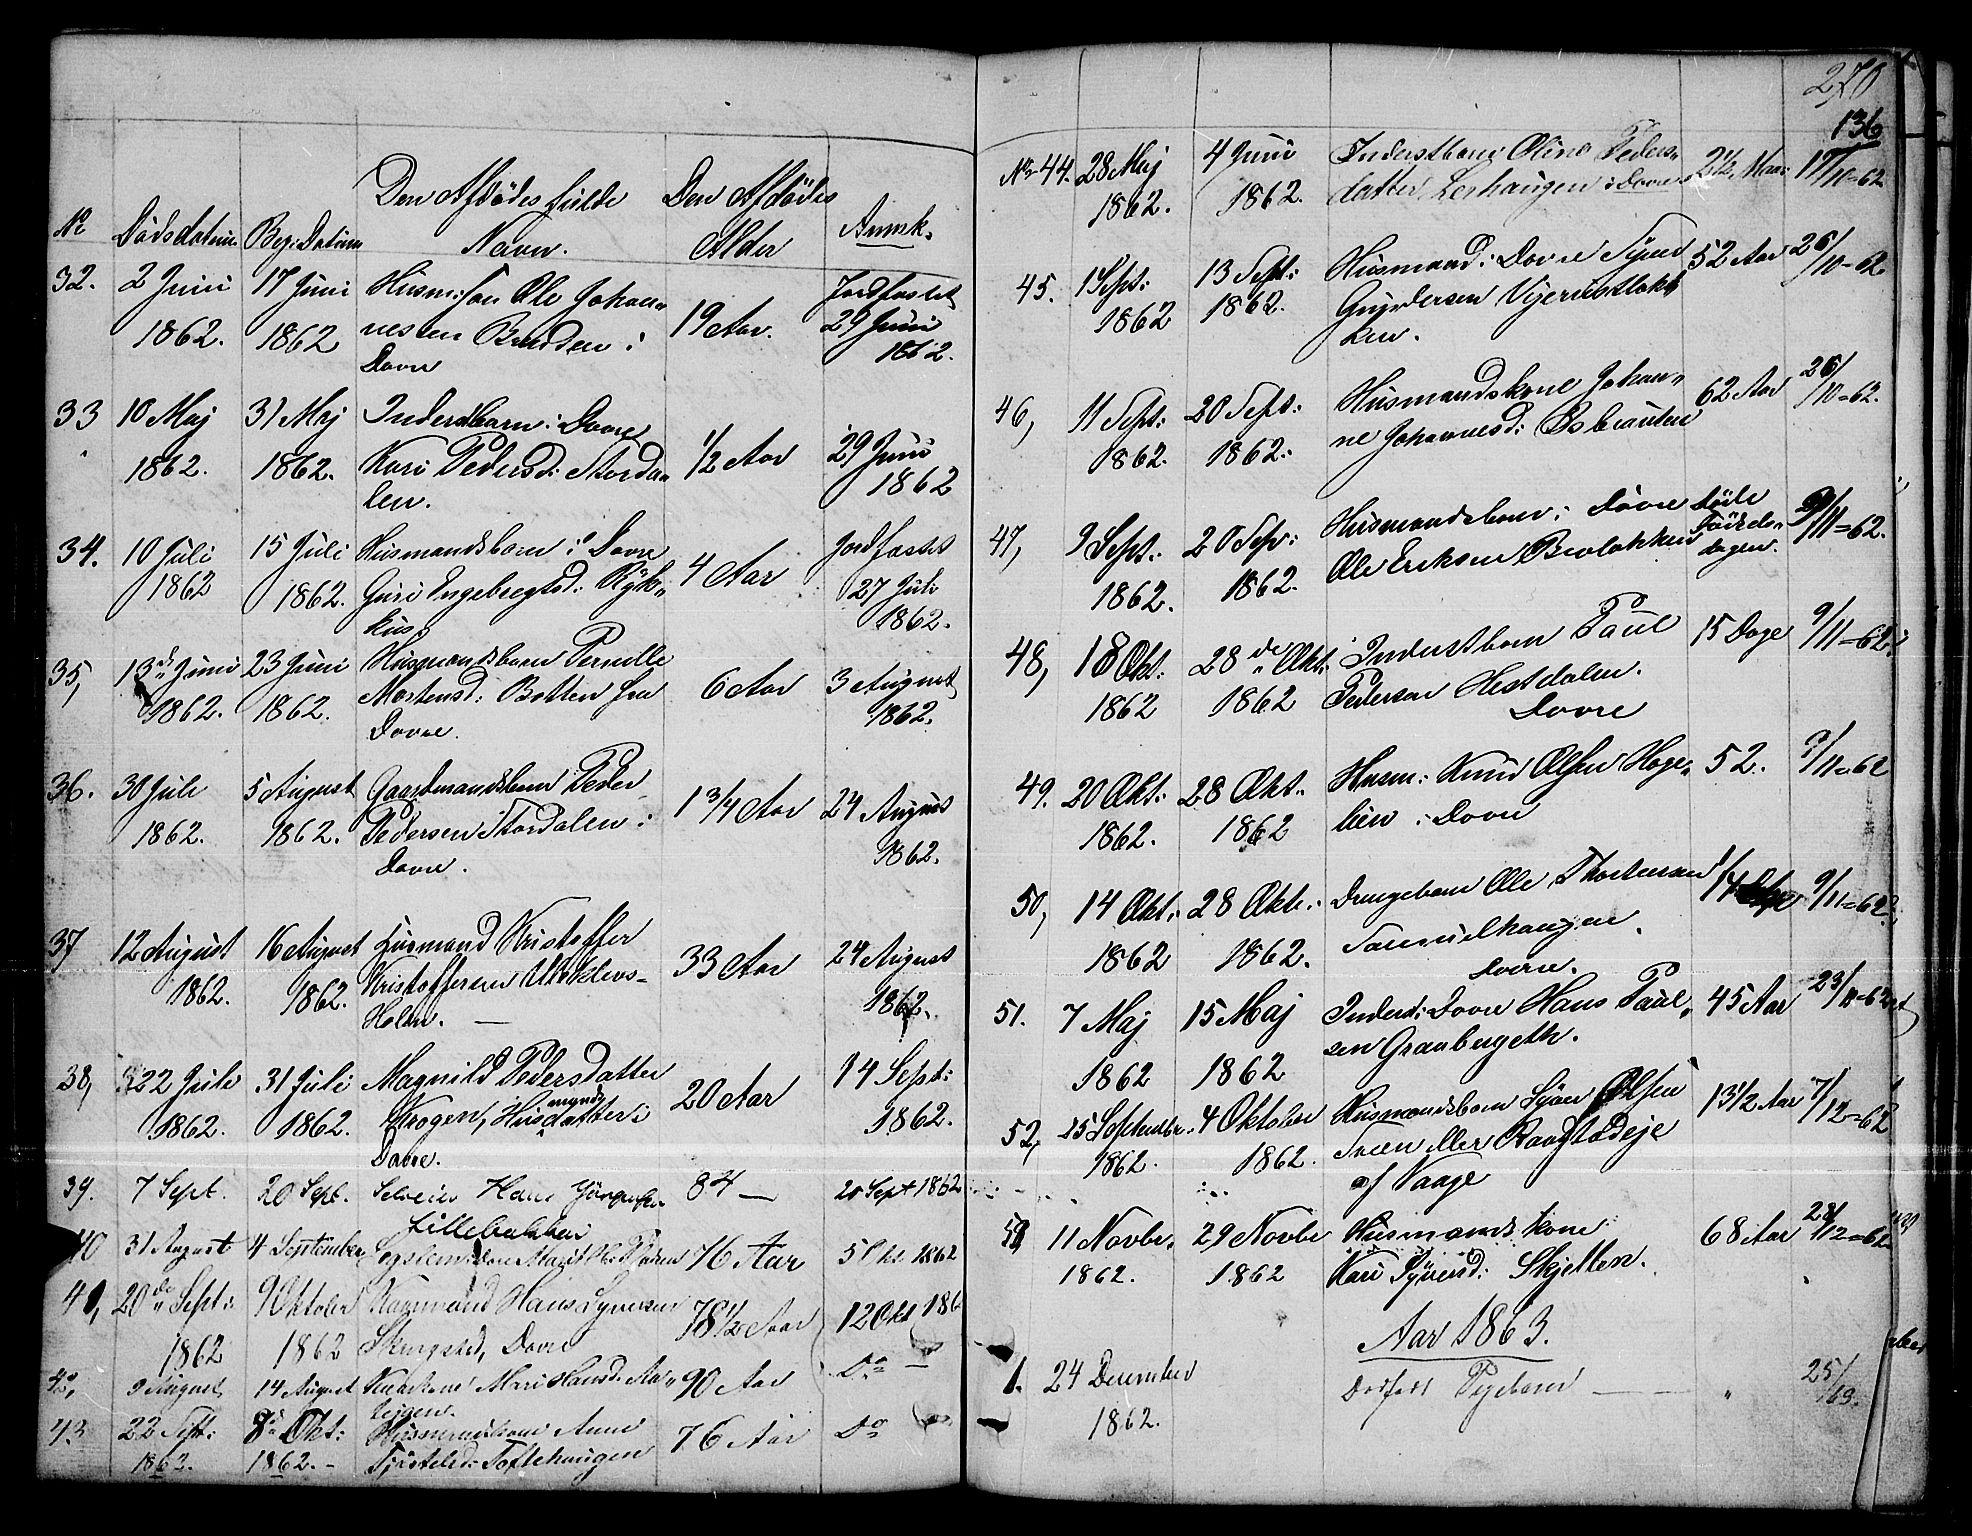 SAH, Dovre prestekontor, Klokkerbok nr. 1, 1862-1880, s. 270